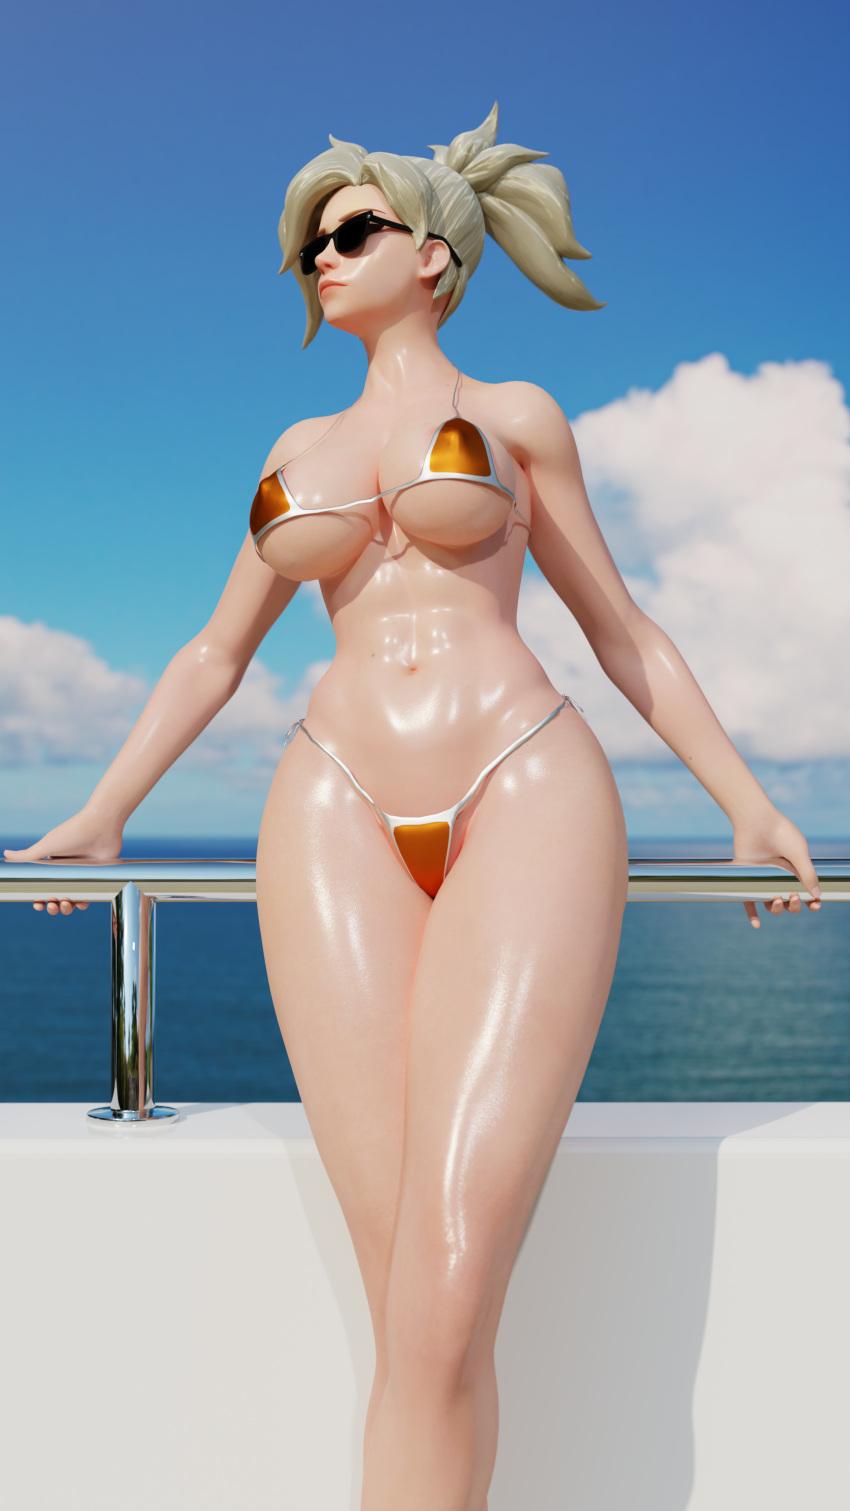 overwatch-rule-sunglasses,-bikini,-abs,-female,-blonde-hair,-shiny-skin,-mercy.